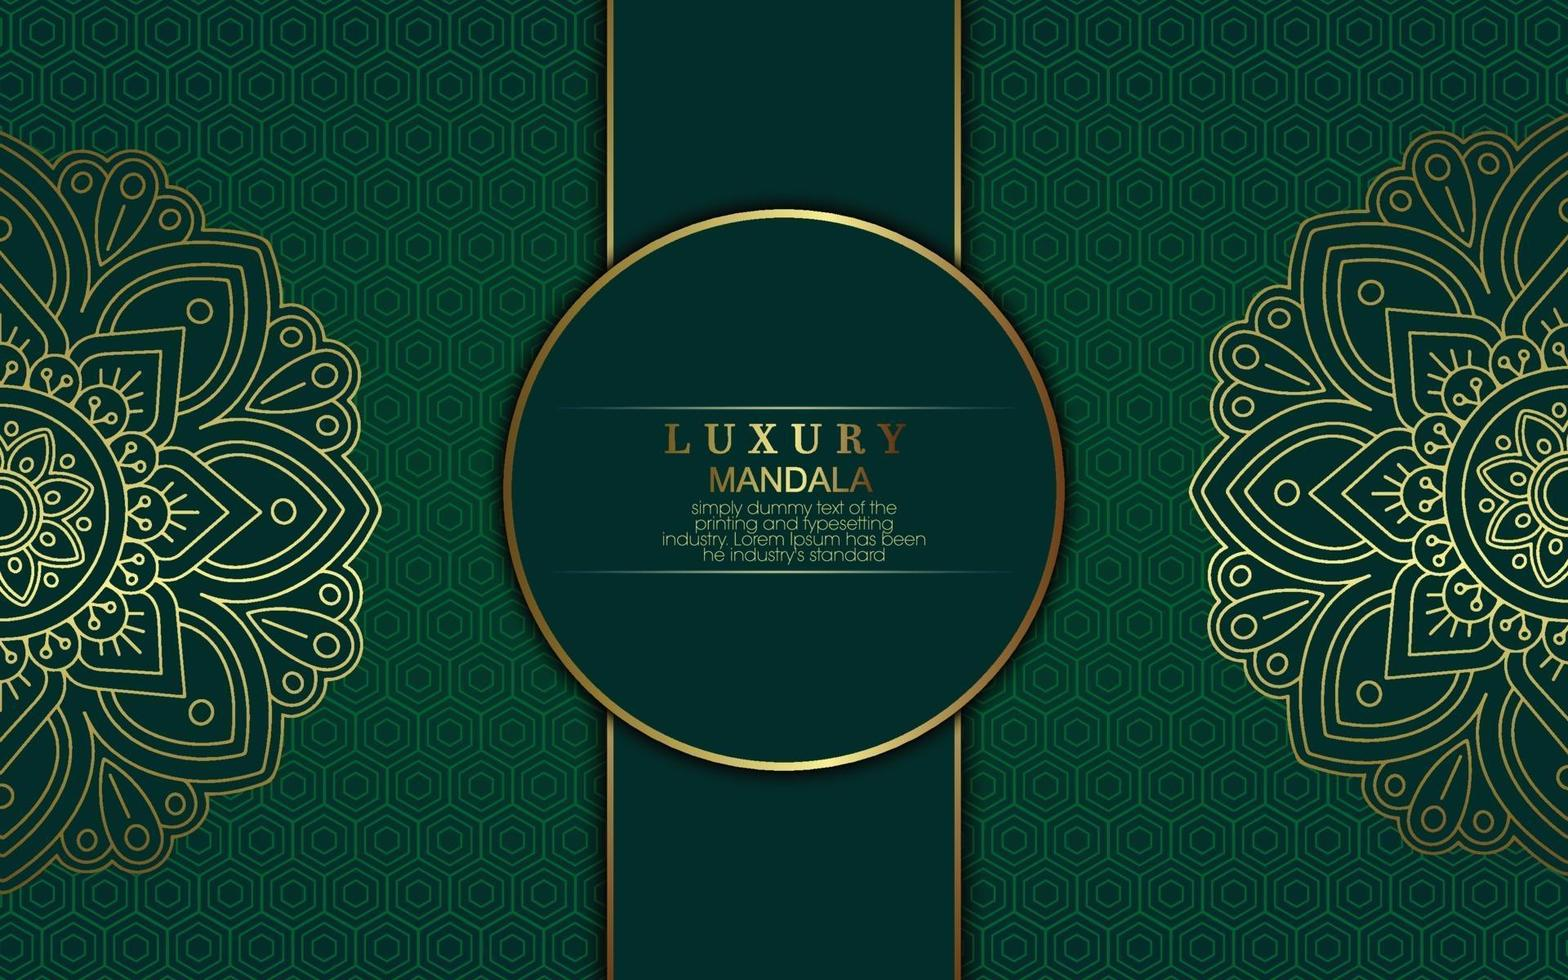 fond de mandala de luxe avec arabesque dorée vecteur